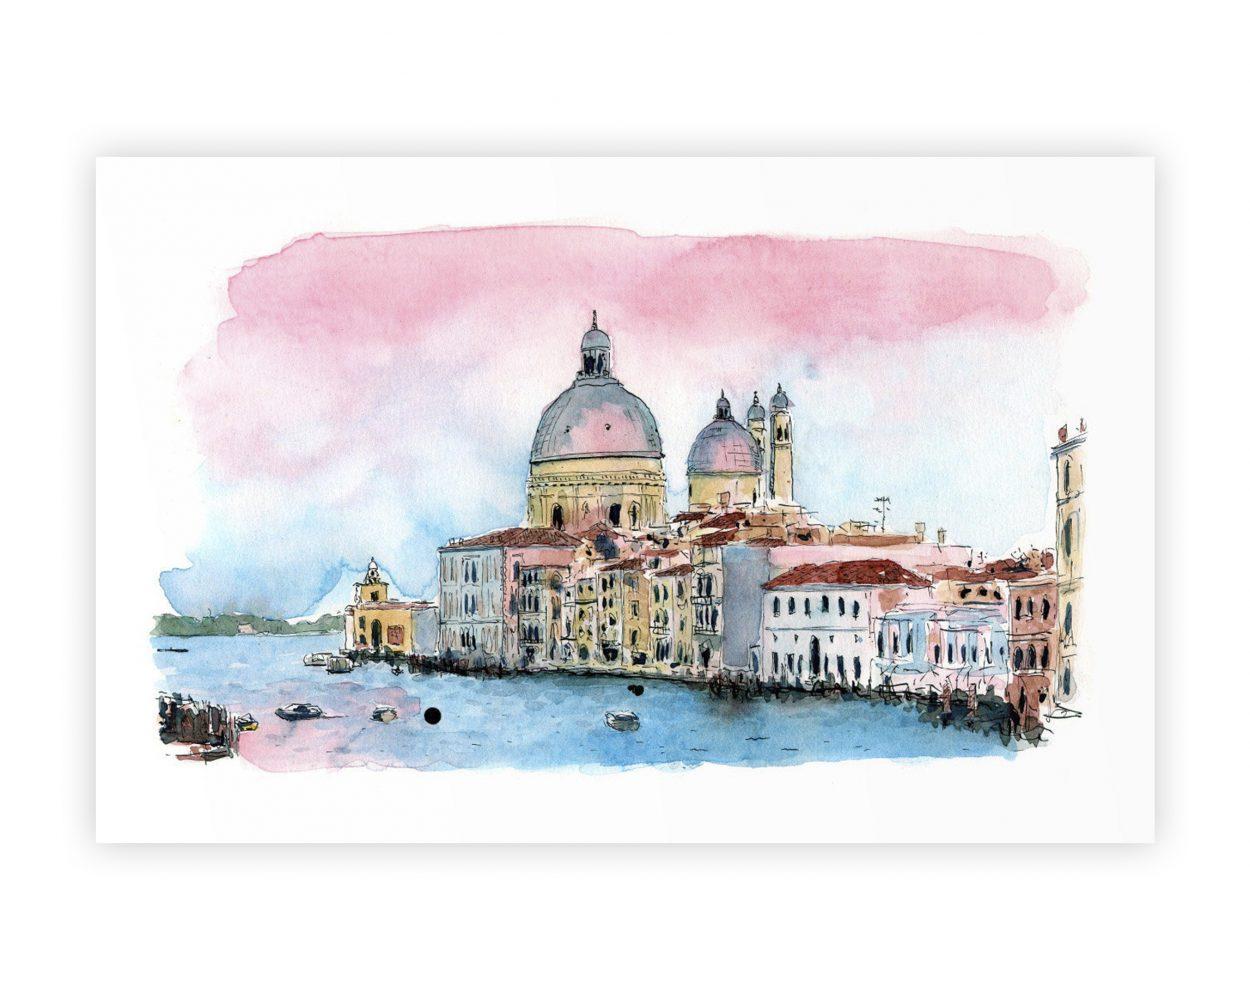 Dibujo en tinta y acuarela de un atardecer en un canal de Venecia. Ilustración urban sketchers.